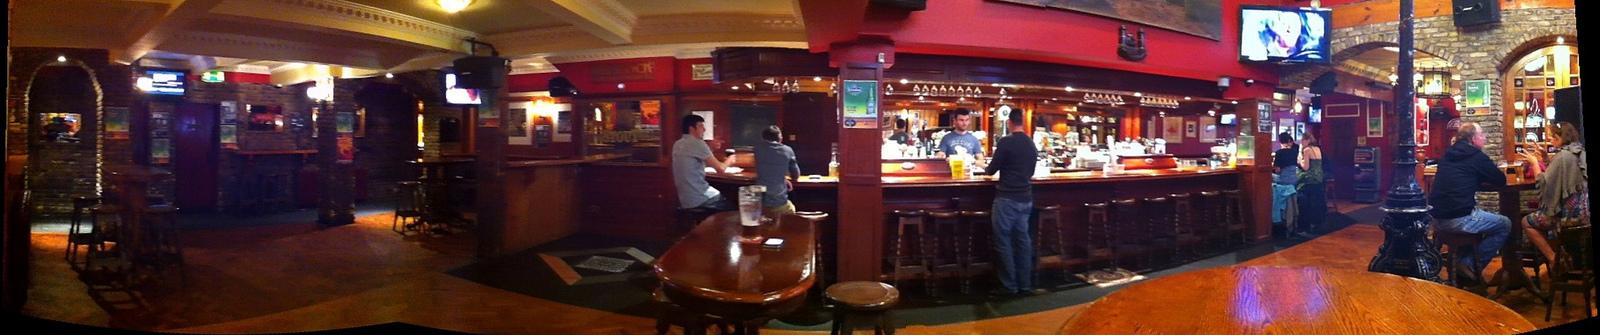 L'intérieur du célèbre Old Oak de Cork - C.P. : Christine Di Paulo